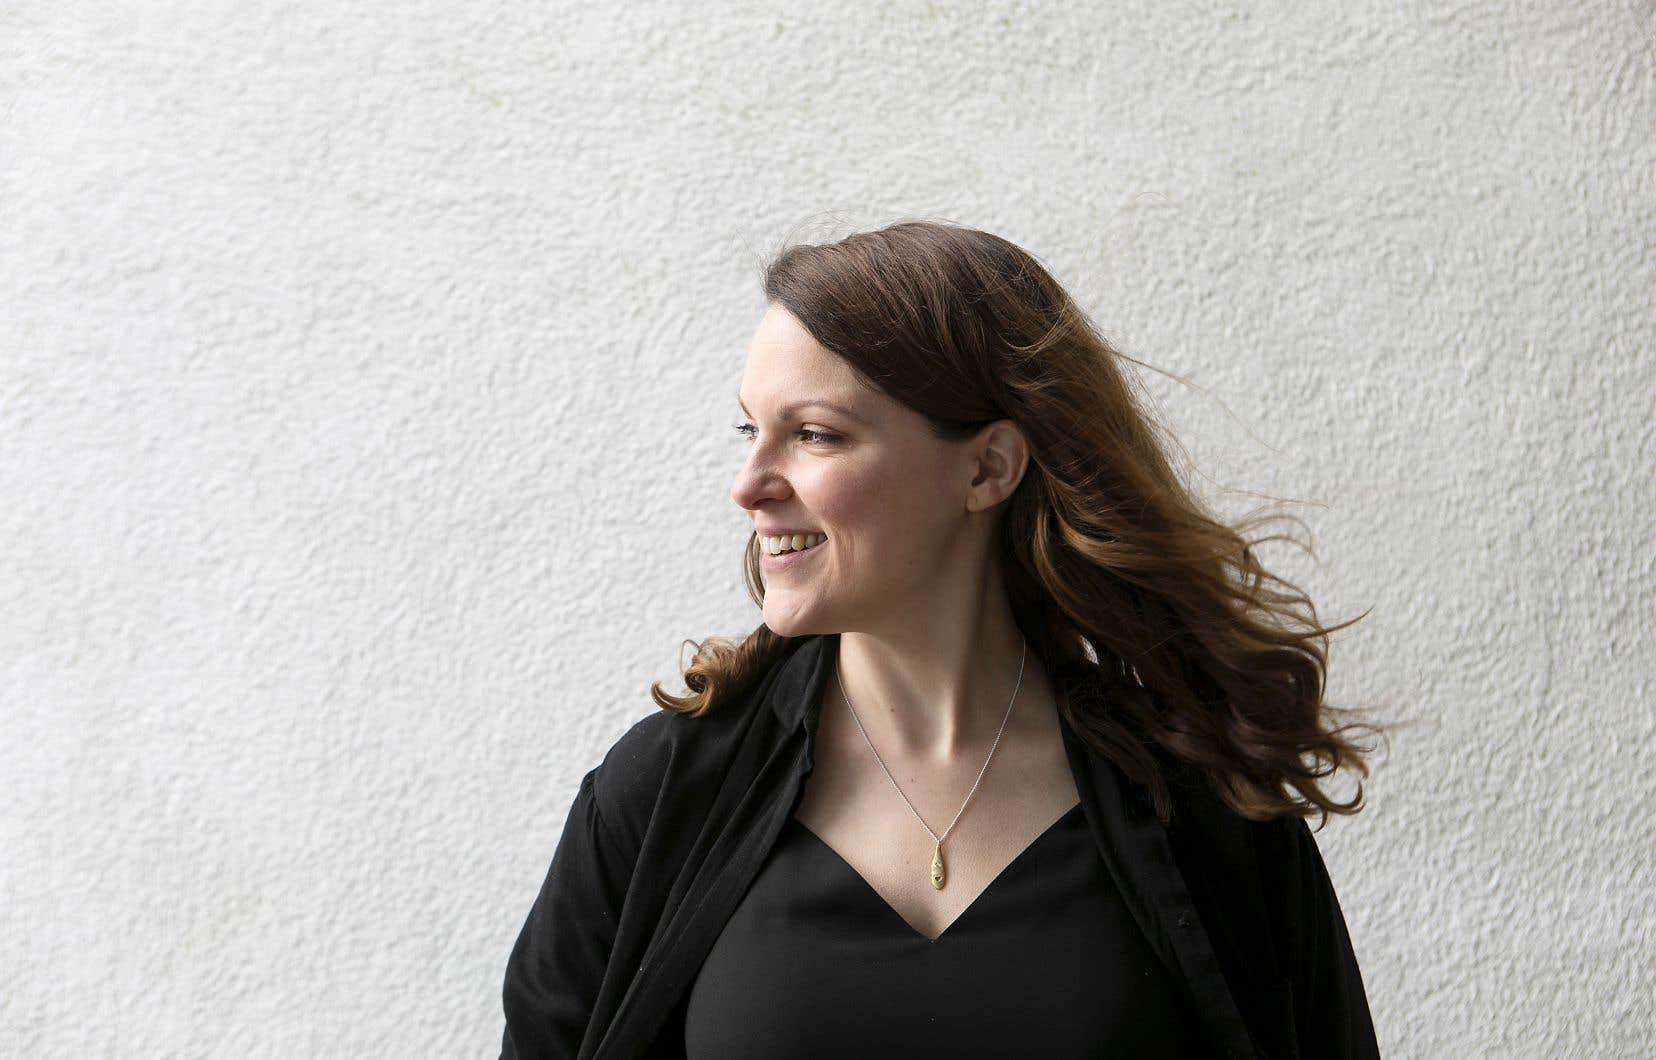 La comédienne et auteure Rachel Graton voit dans sa nouvelle pièce, «21», le reflet de son expérience de travail dans une base de plein air «avec des jeunes ayant besoin de sortir de leur milieu».